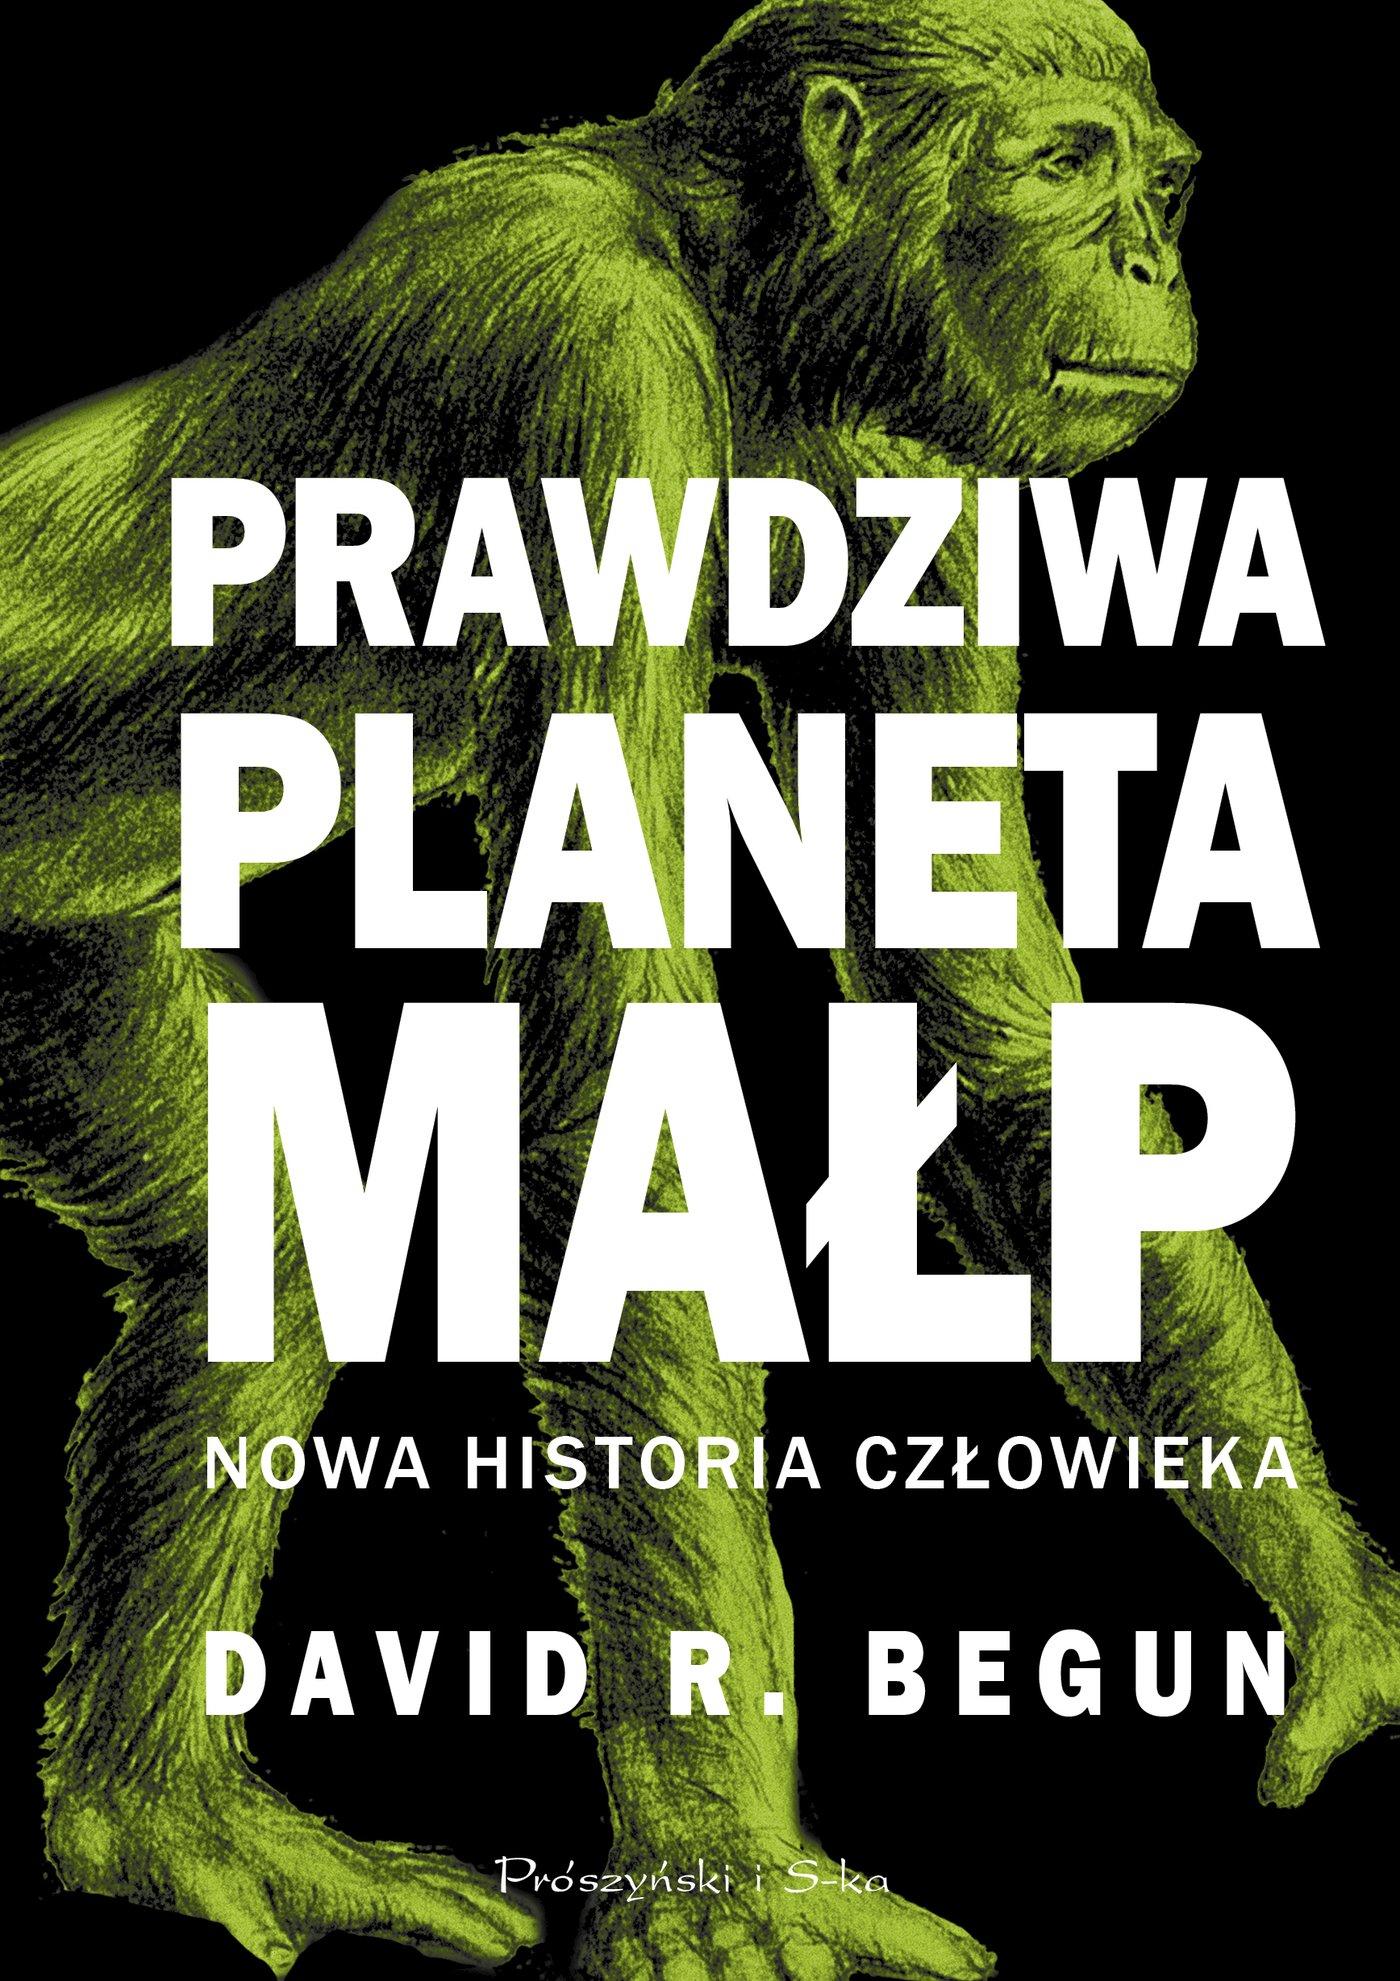 Prawdziwa planeta małp - Ebook (Książka na Kindle) do pobrania w formacie MOBI